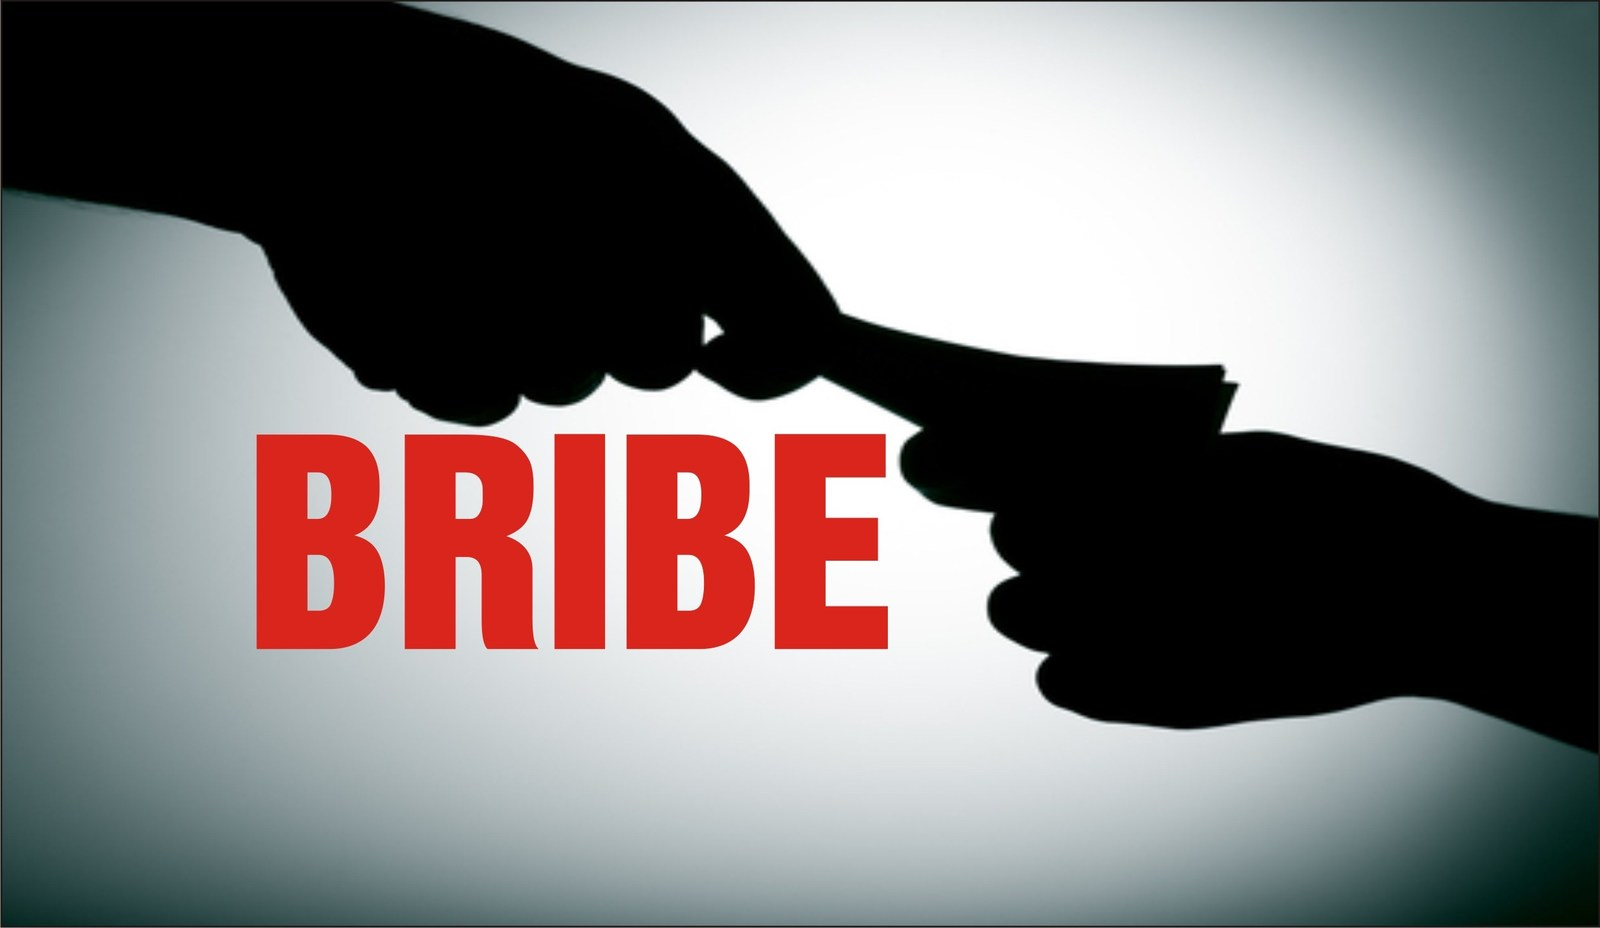 bribe.jpg